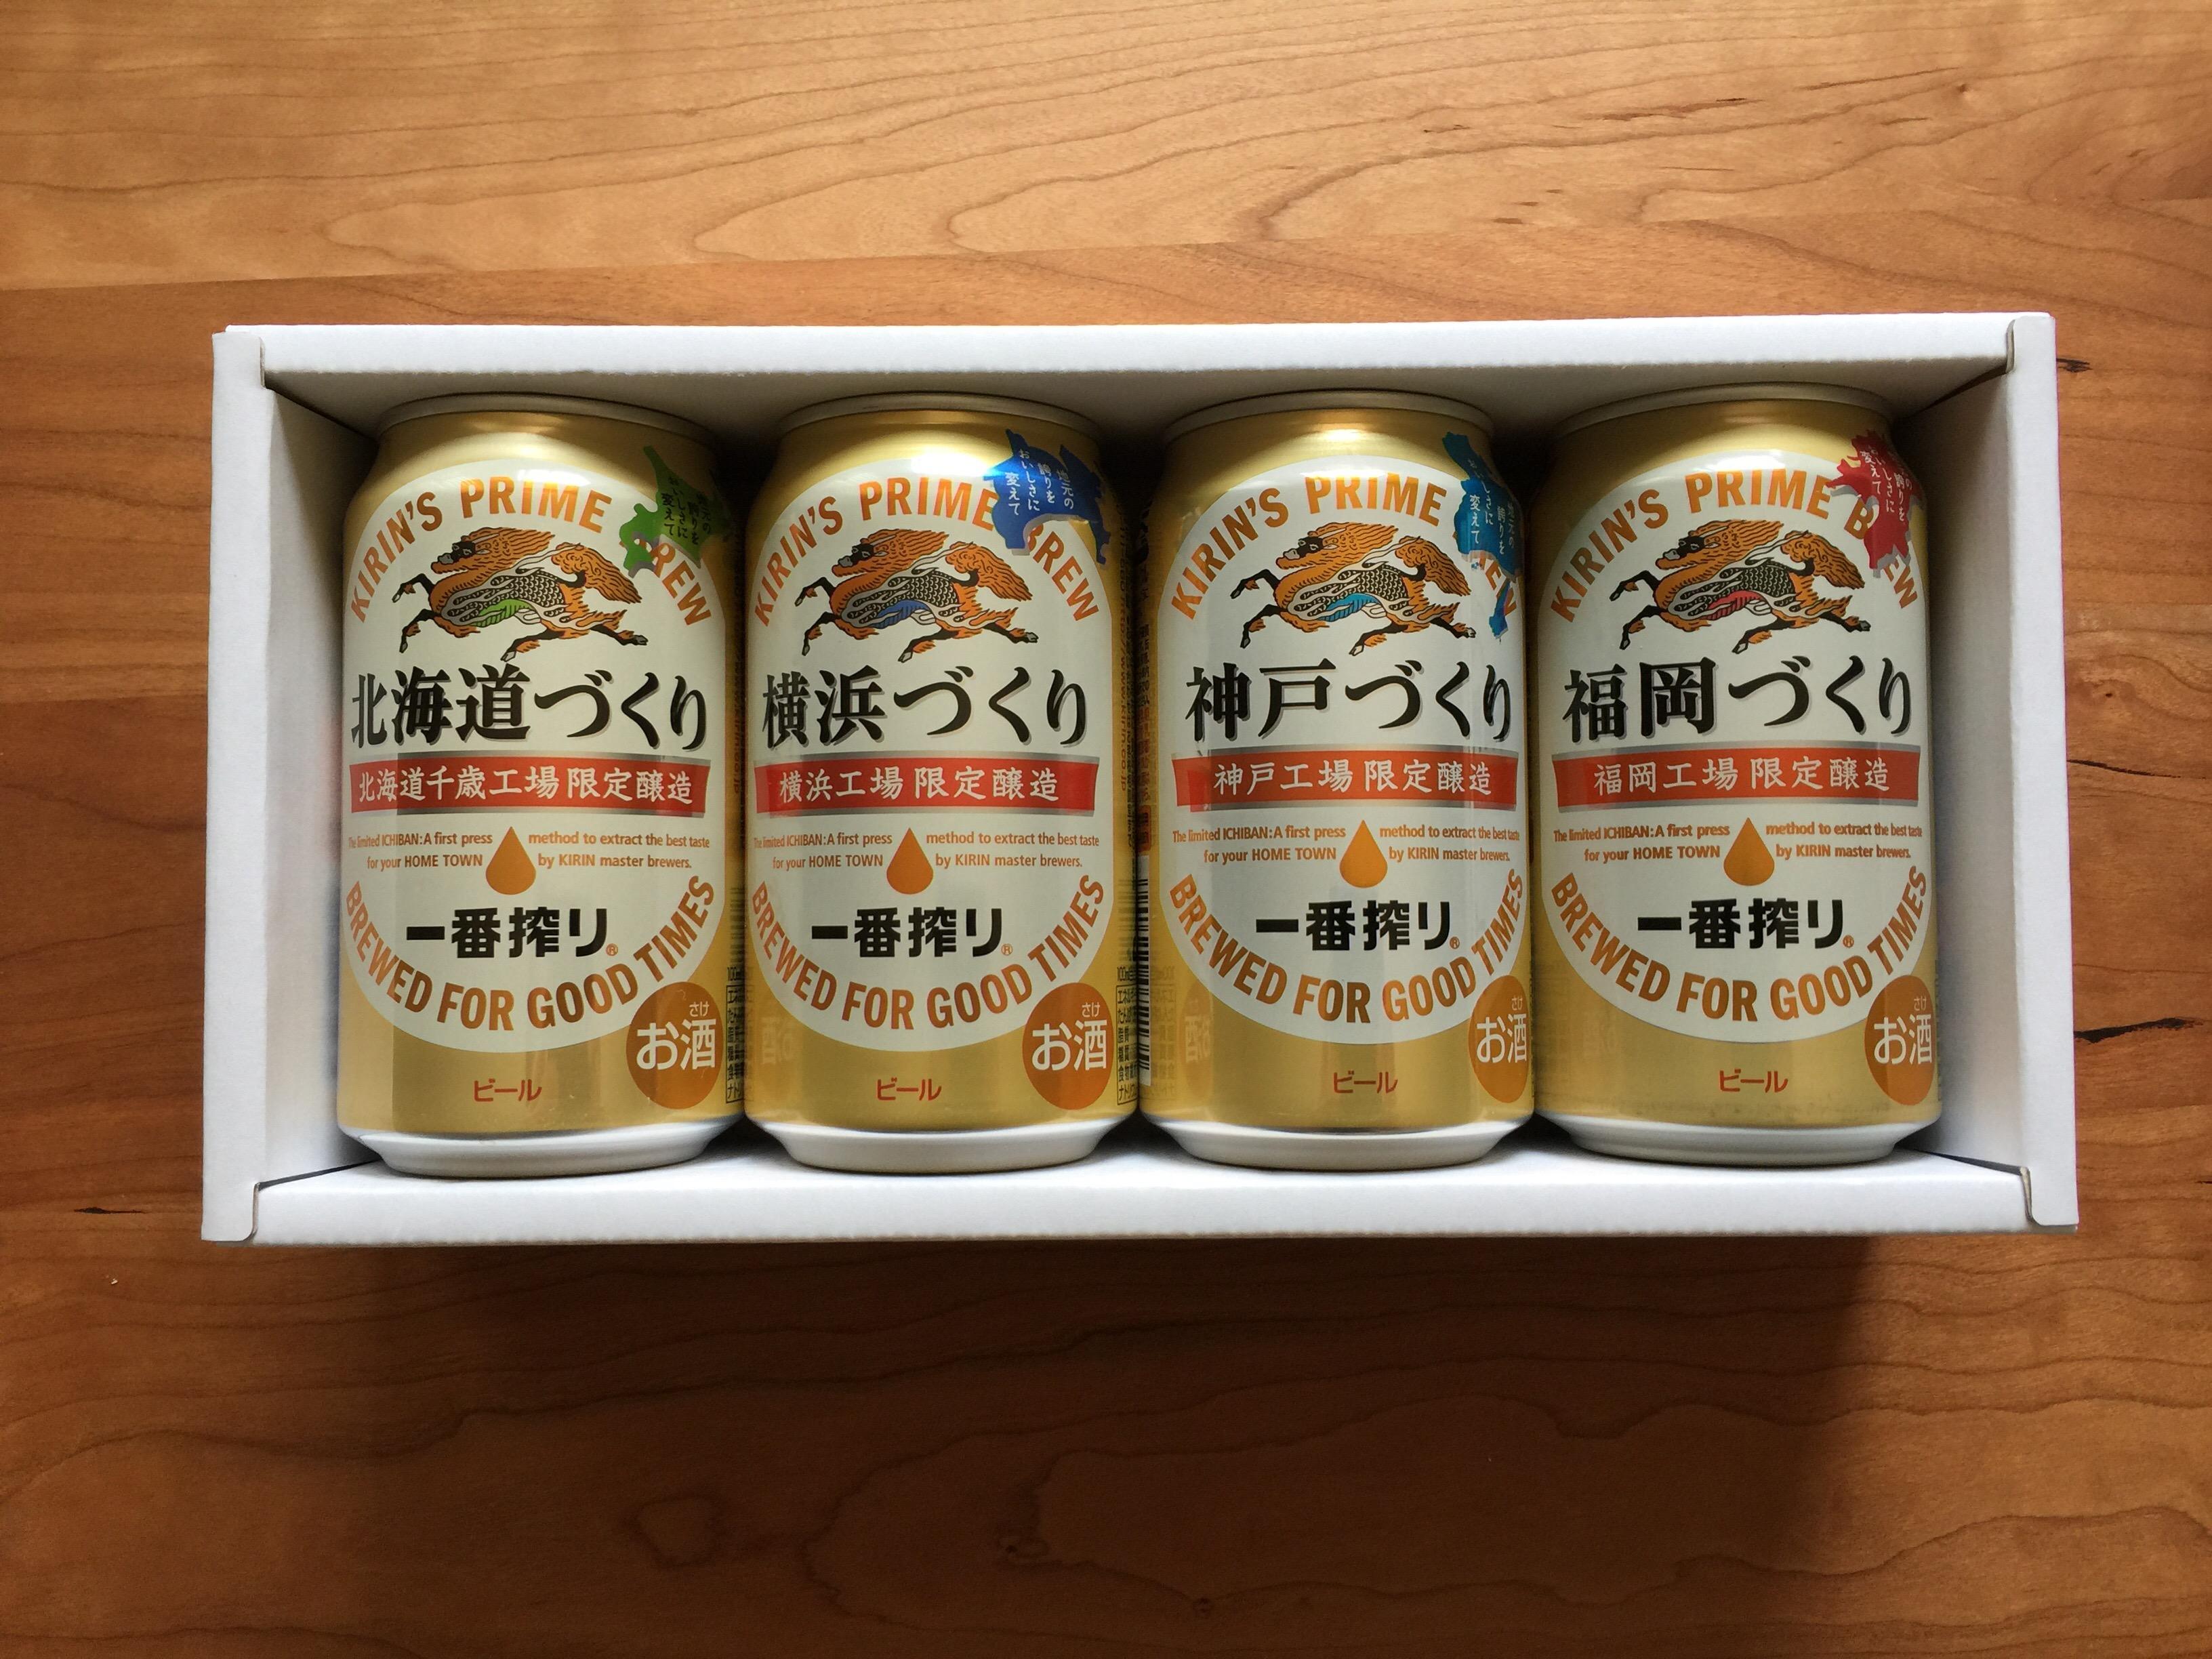 キリン ビール 株価